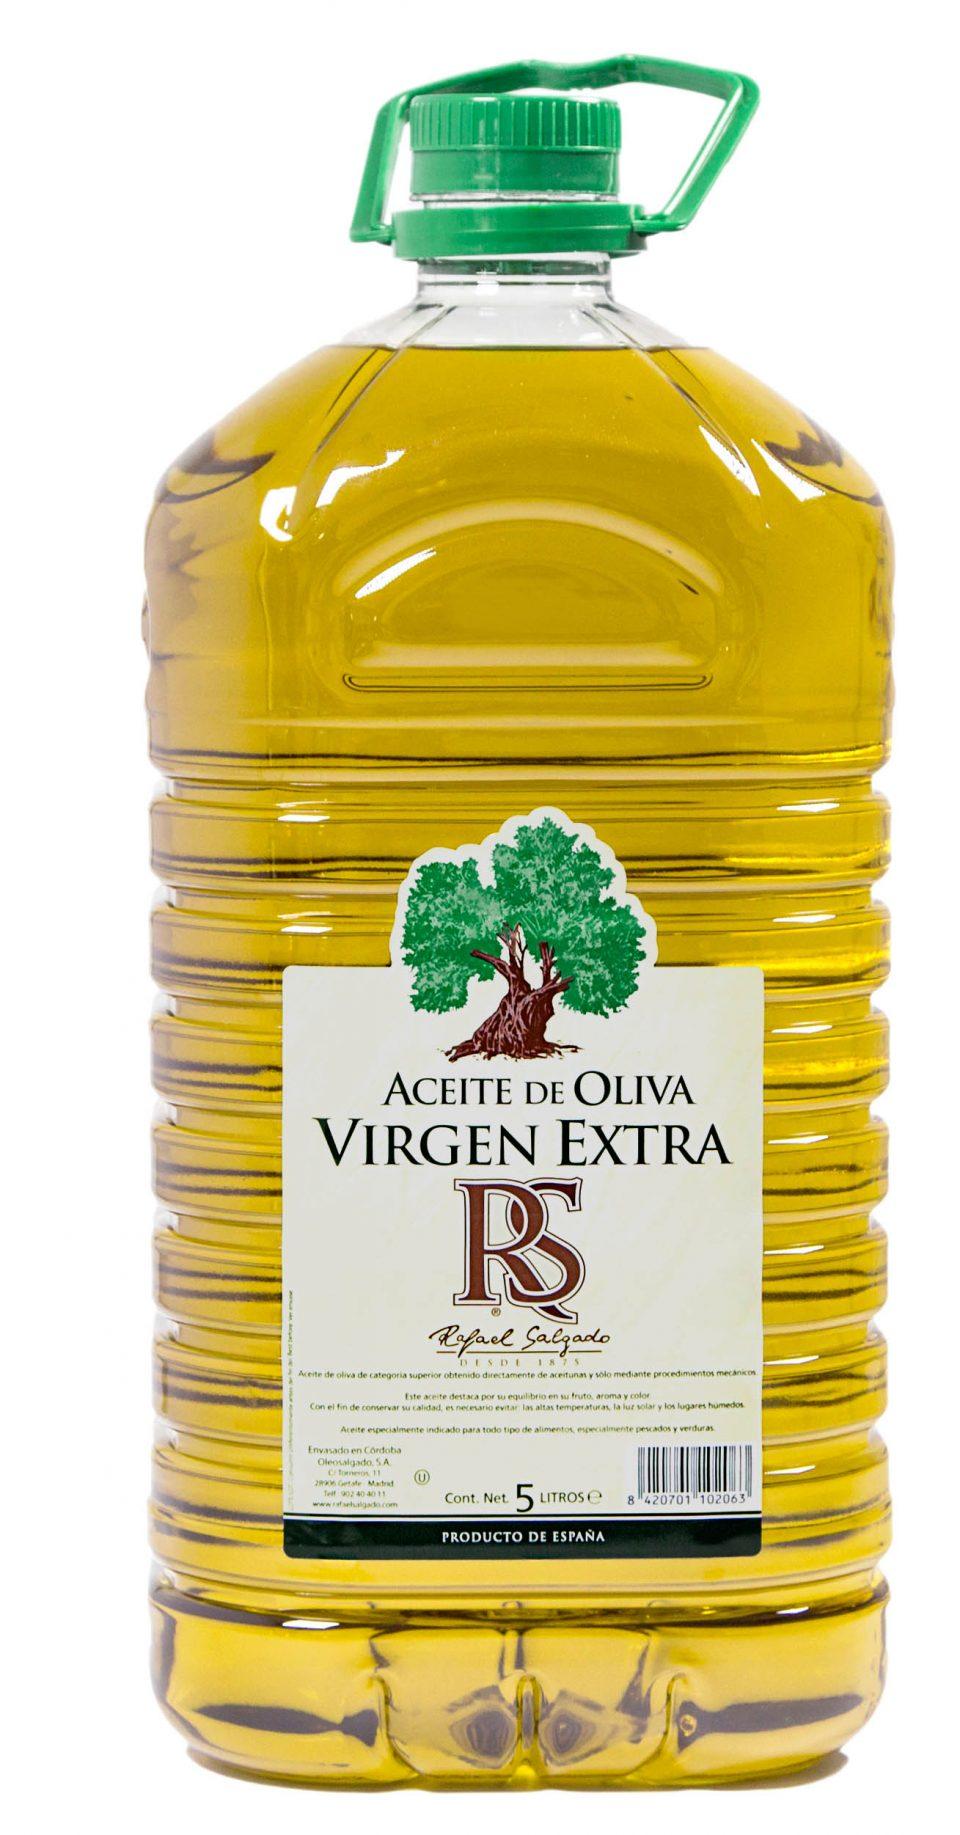 Virgen Extra Bidón RS 5 litros